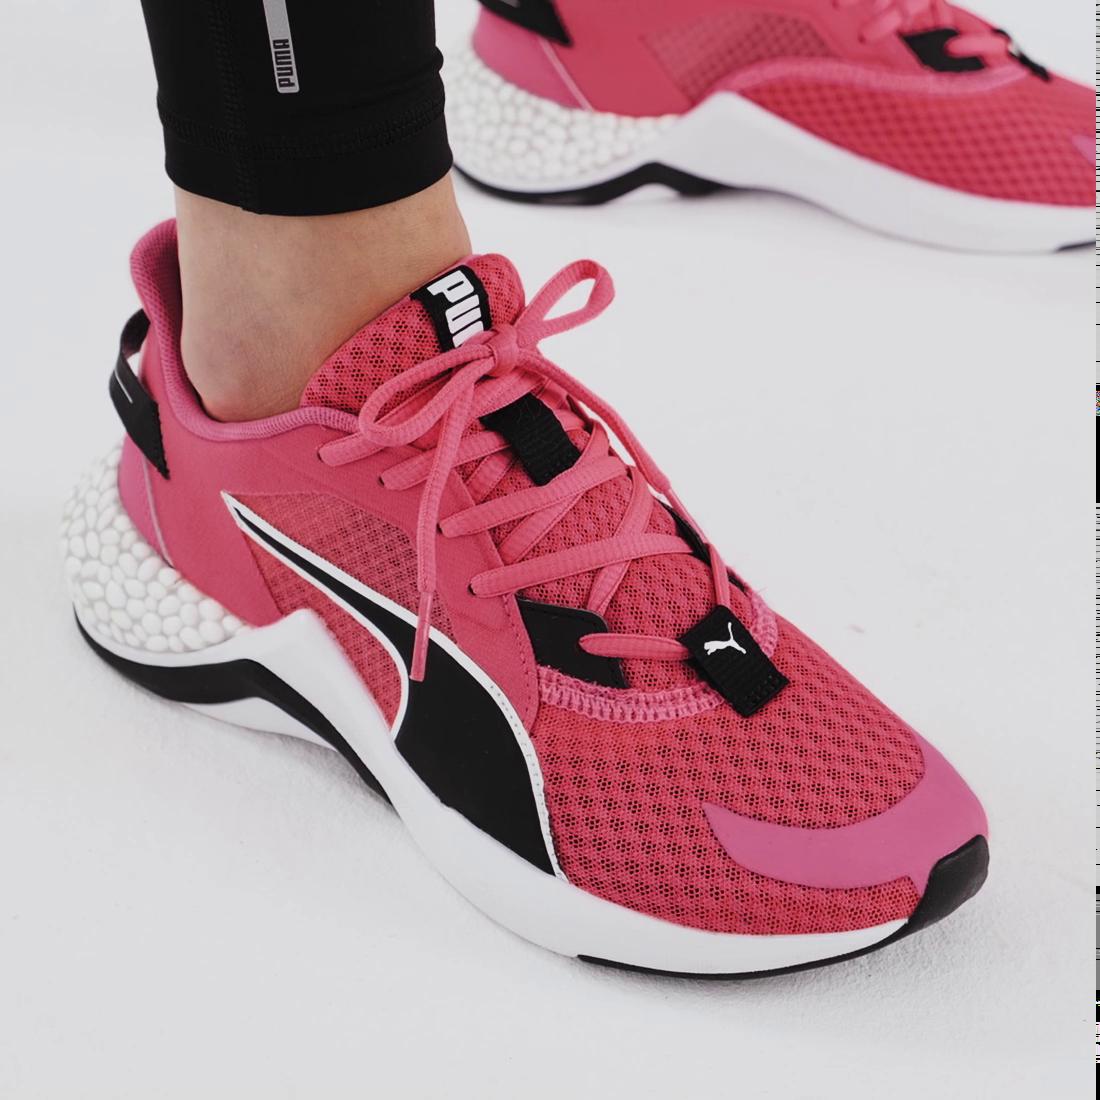 Görüntü Puma HYBRID NX Ozone Kadın Koşu Ayakkabısı #8